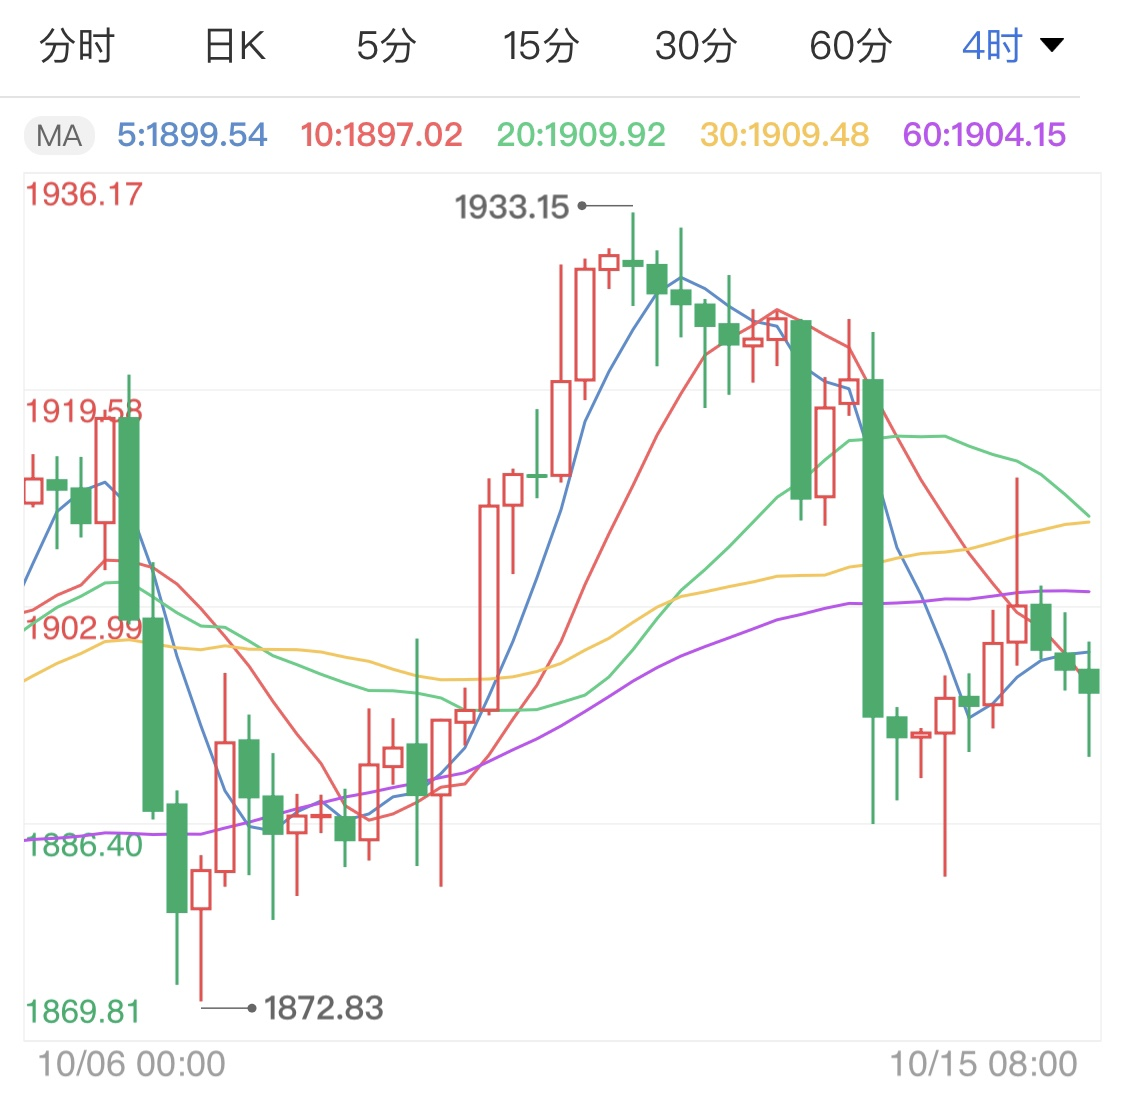 现货黄金前景向好 金价短线震荡待势